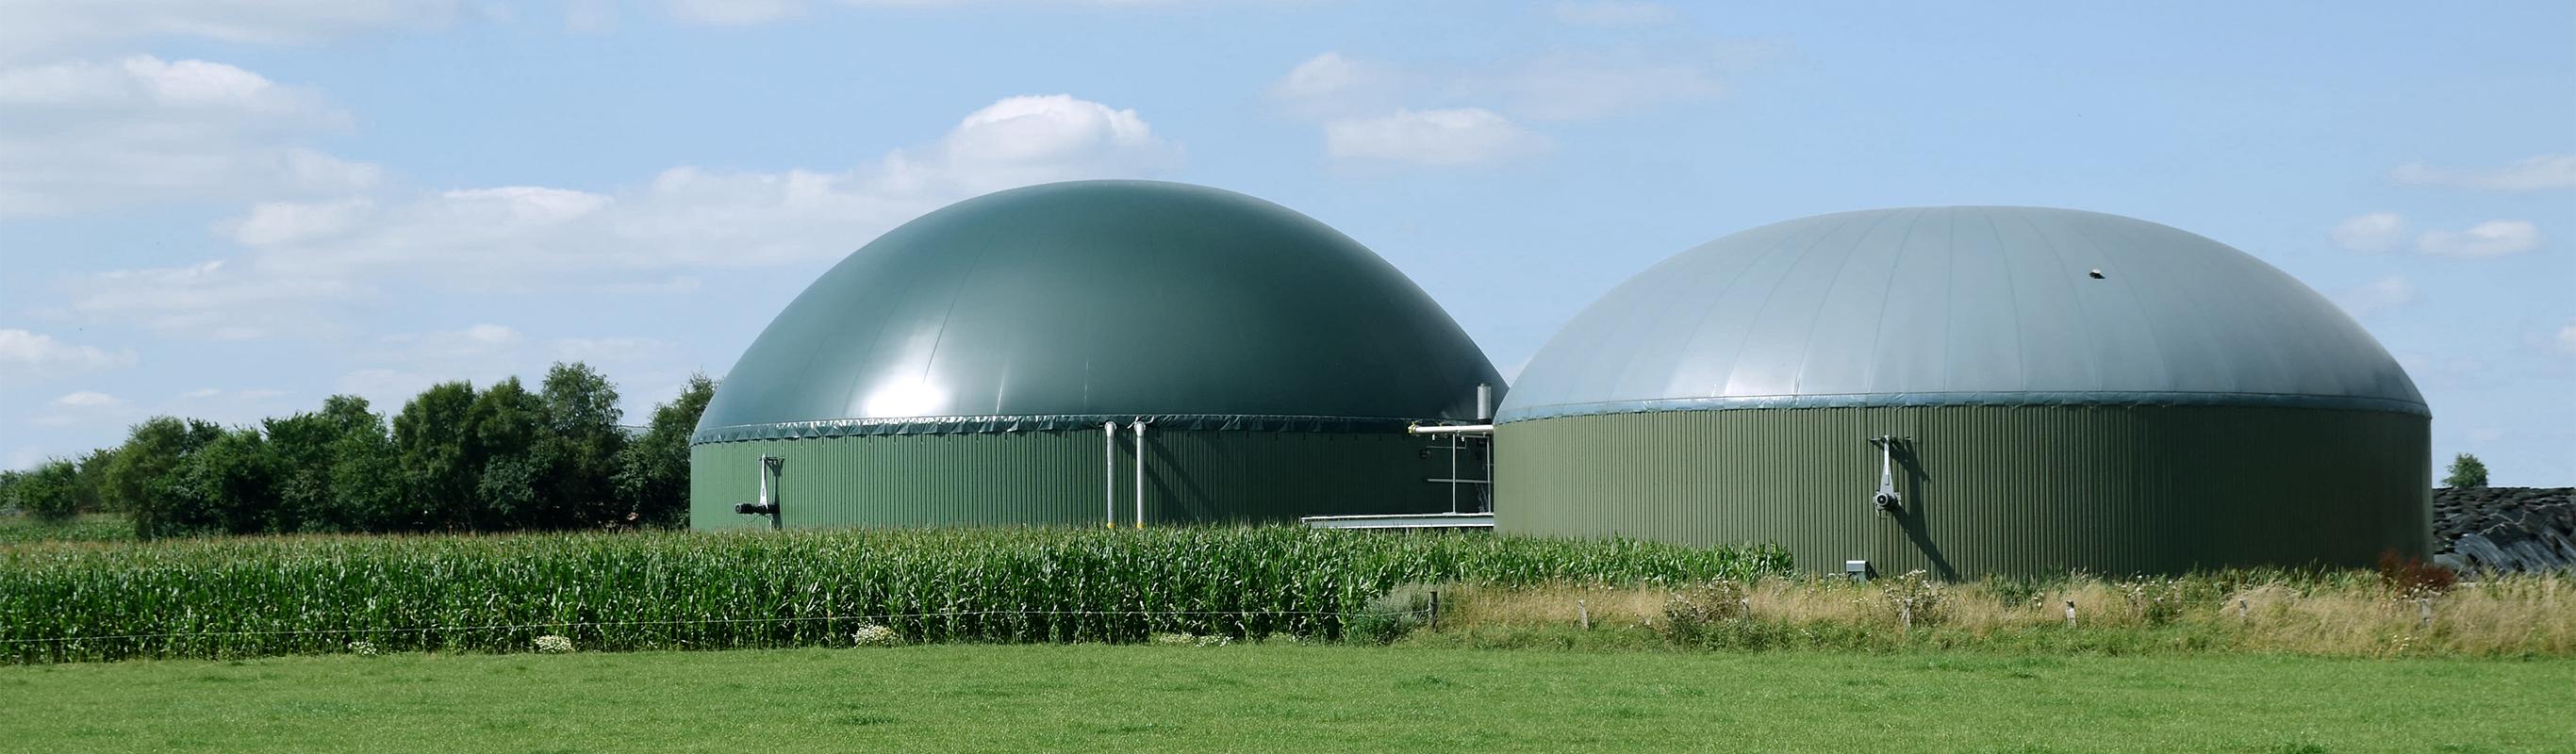 Biogas Masse zum Heizen